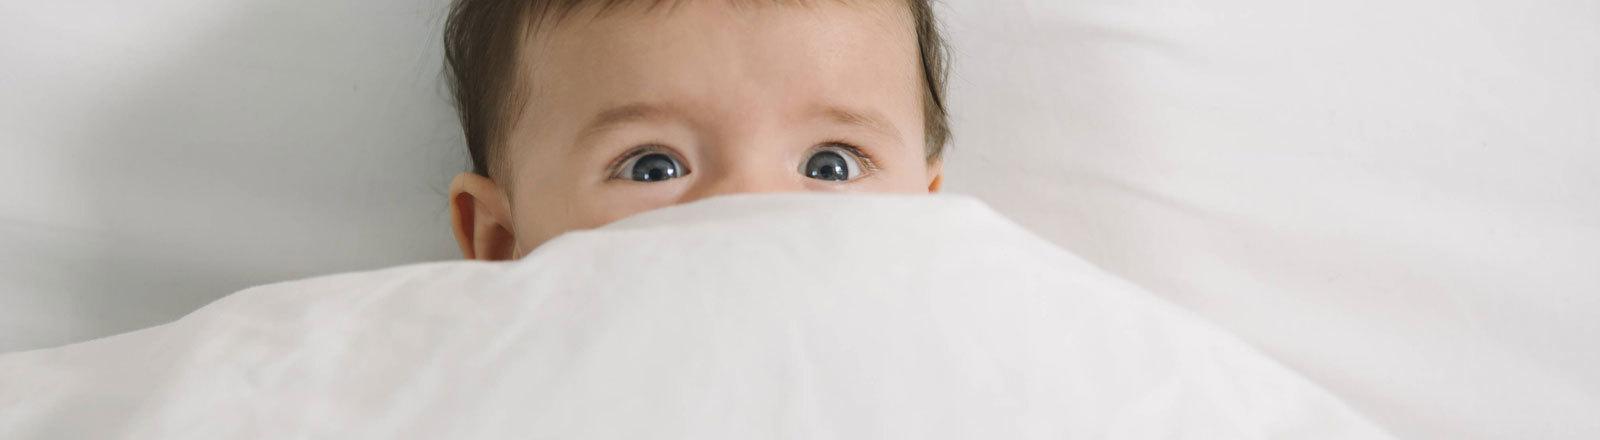 Baby blickt ängstlich unter der Bettdecke vor.